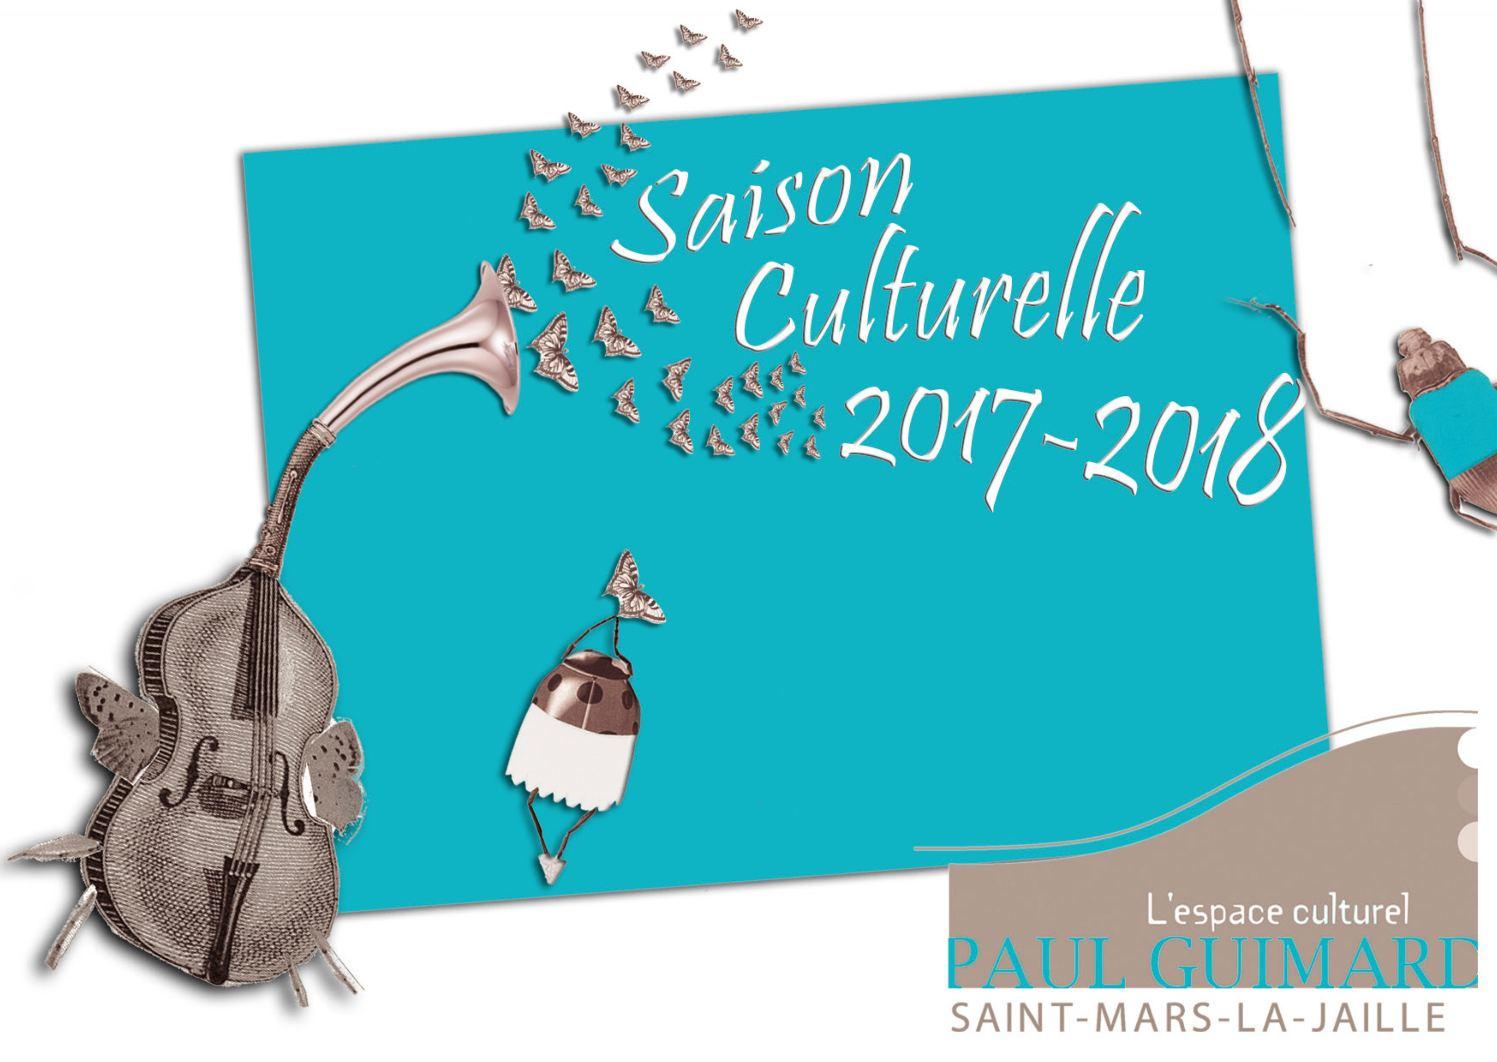 Saison Culturelle 2017-2018 St Mars la Jaille